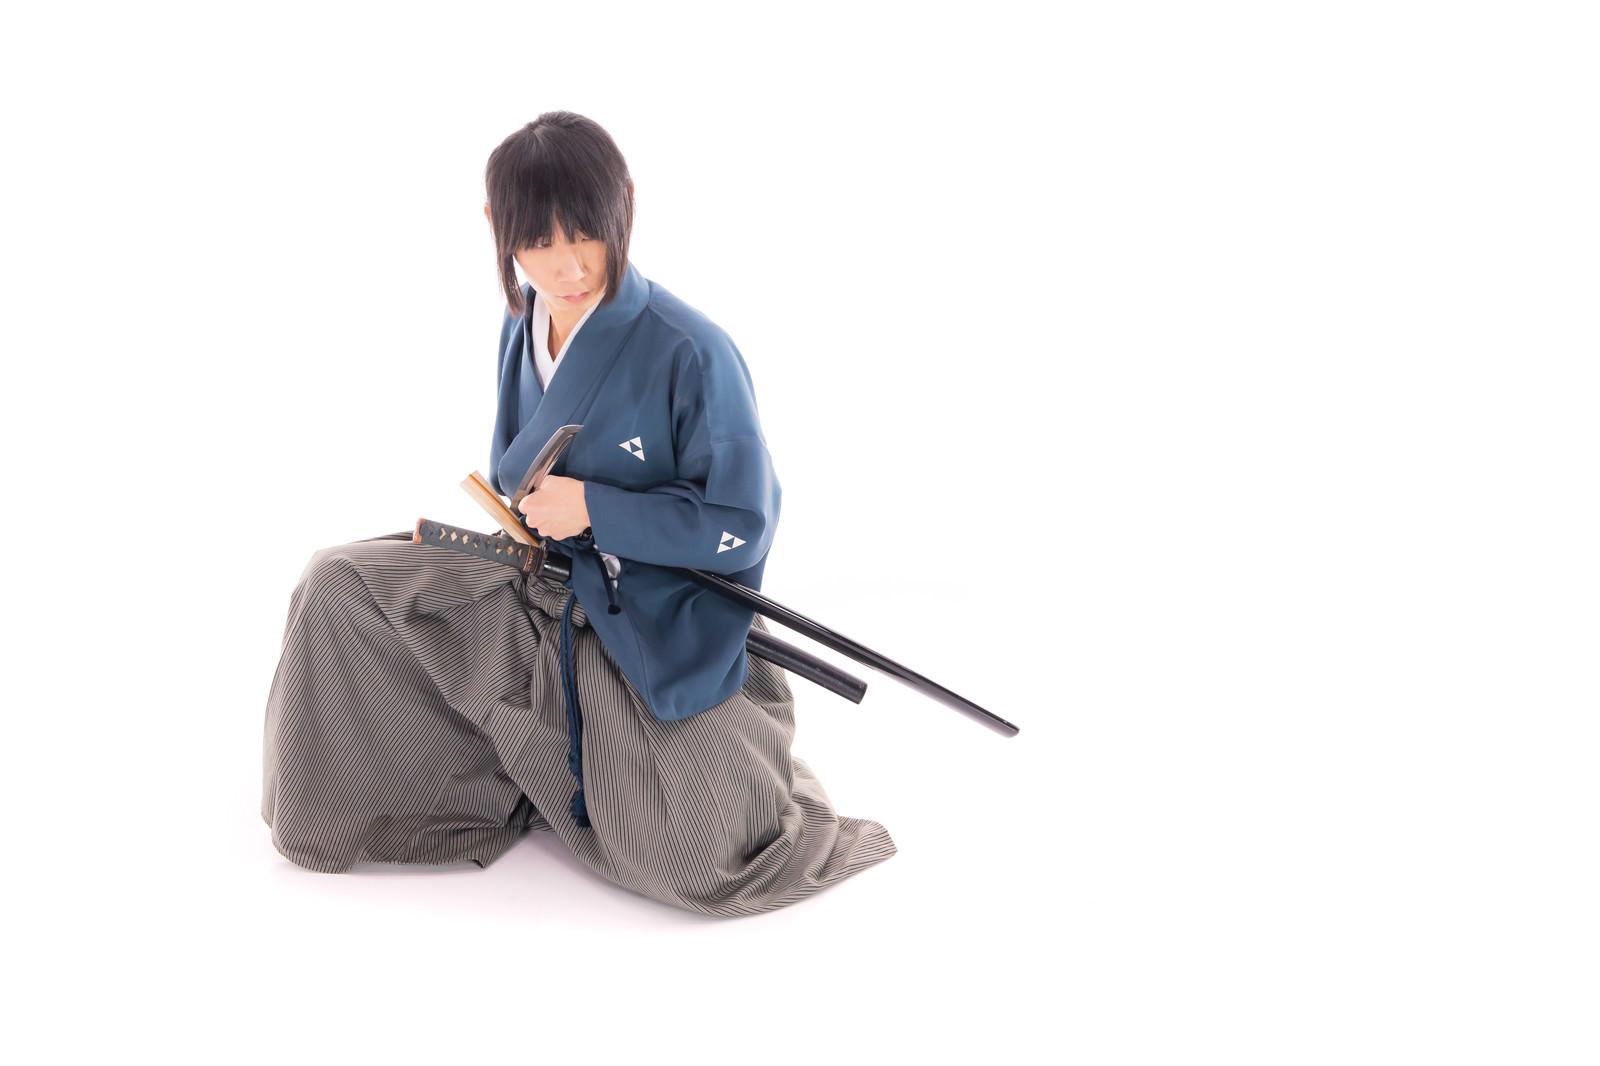 「座位での納刀をする侍」の写真[モデル:まーこ]